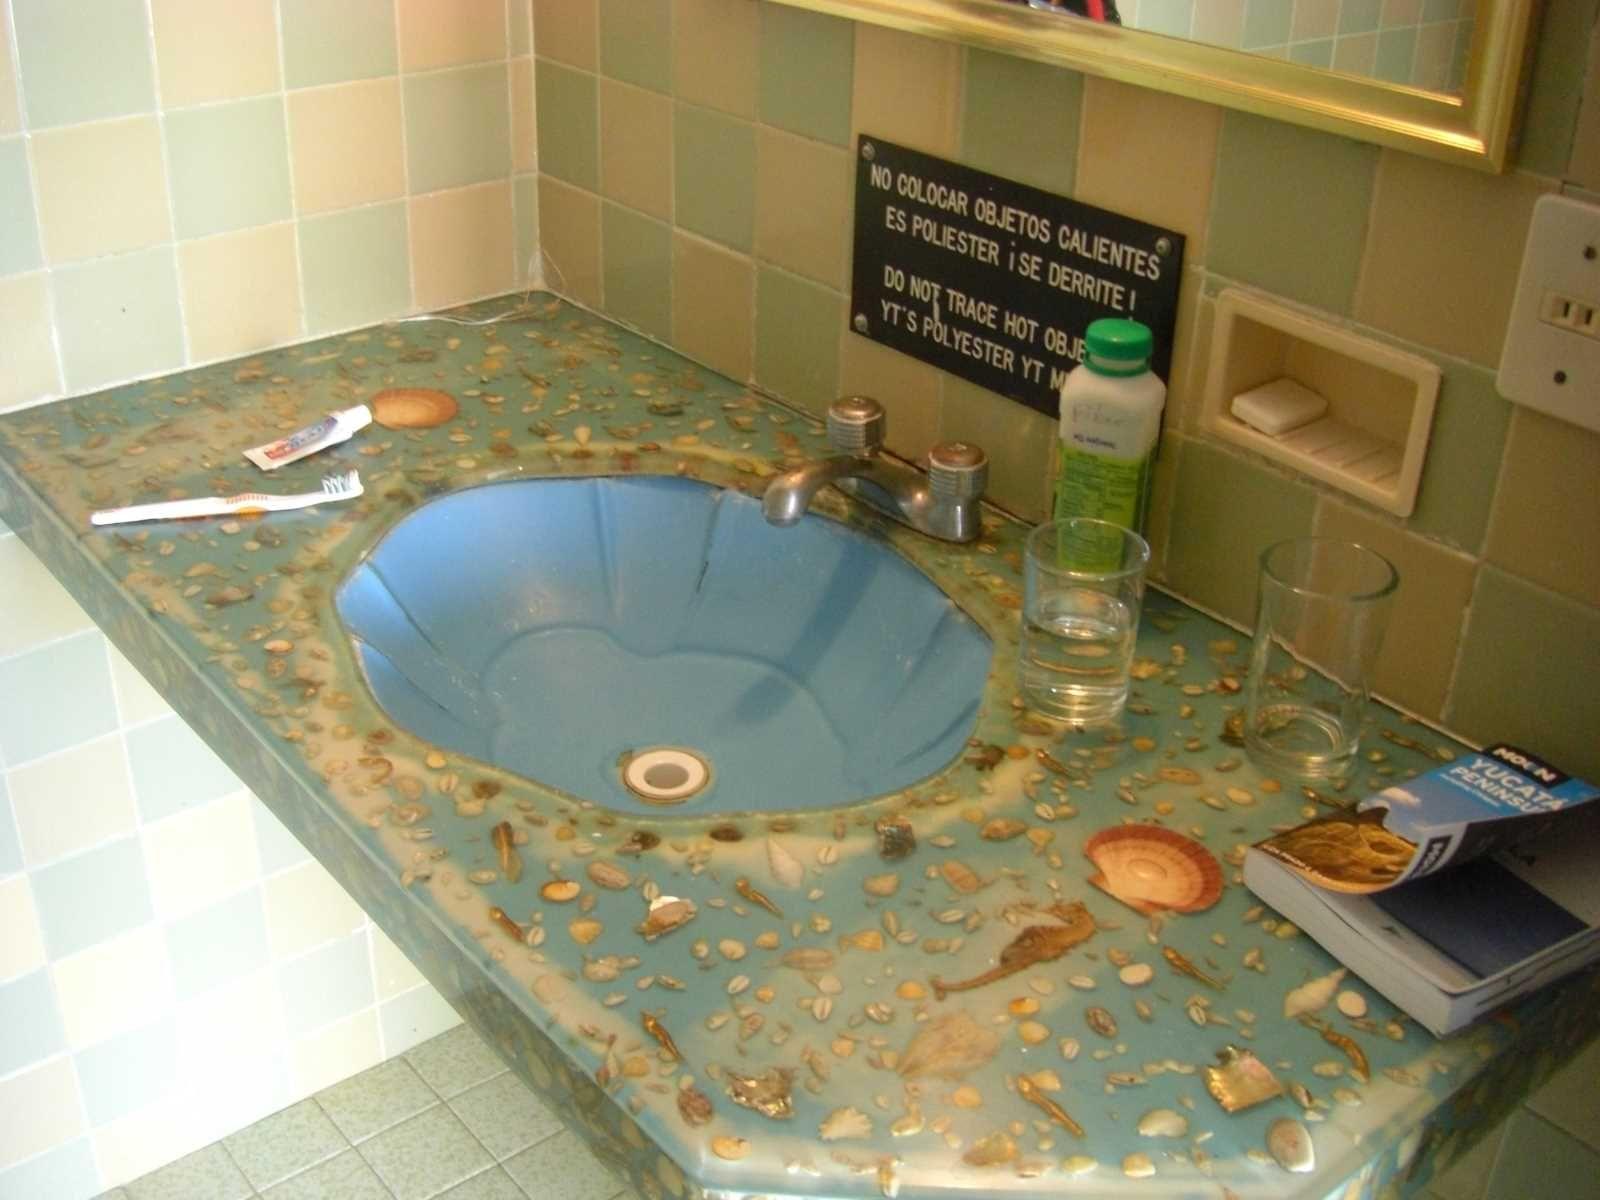 3421bd bathroom vanity ideas - Seashell Countertop